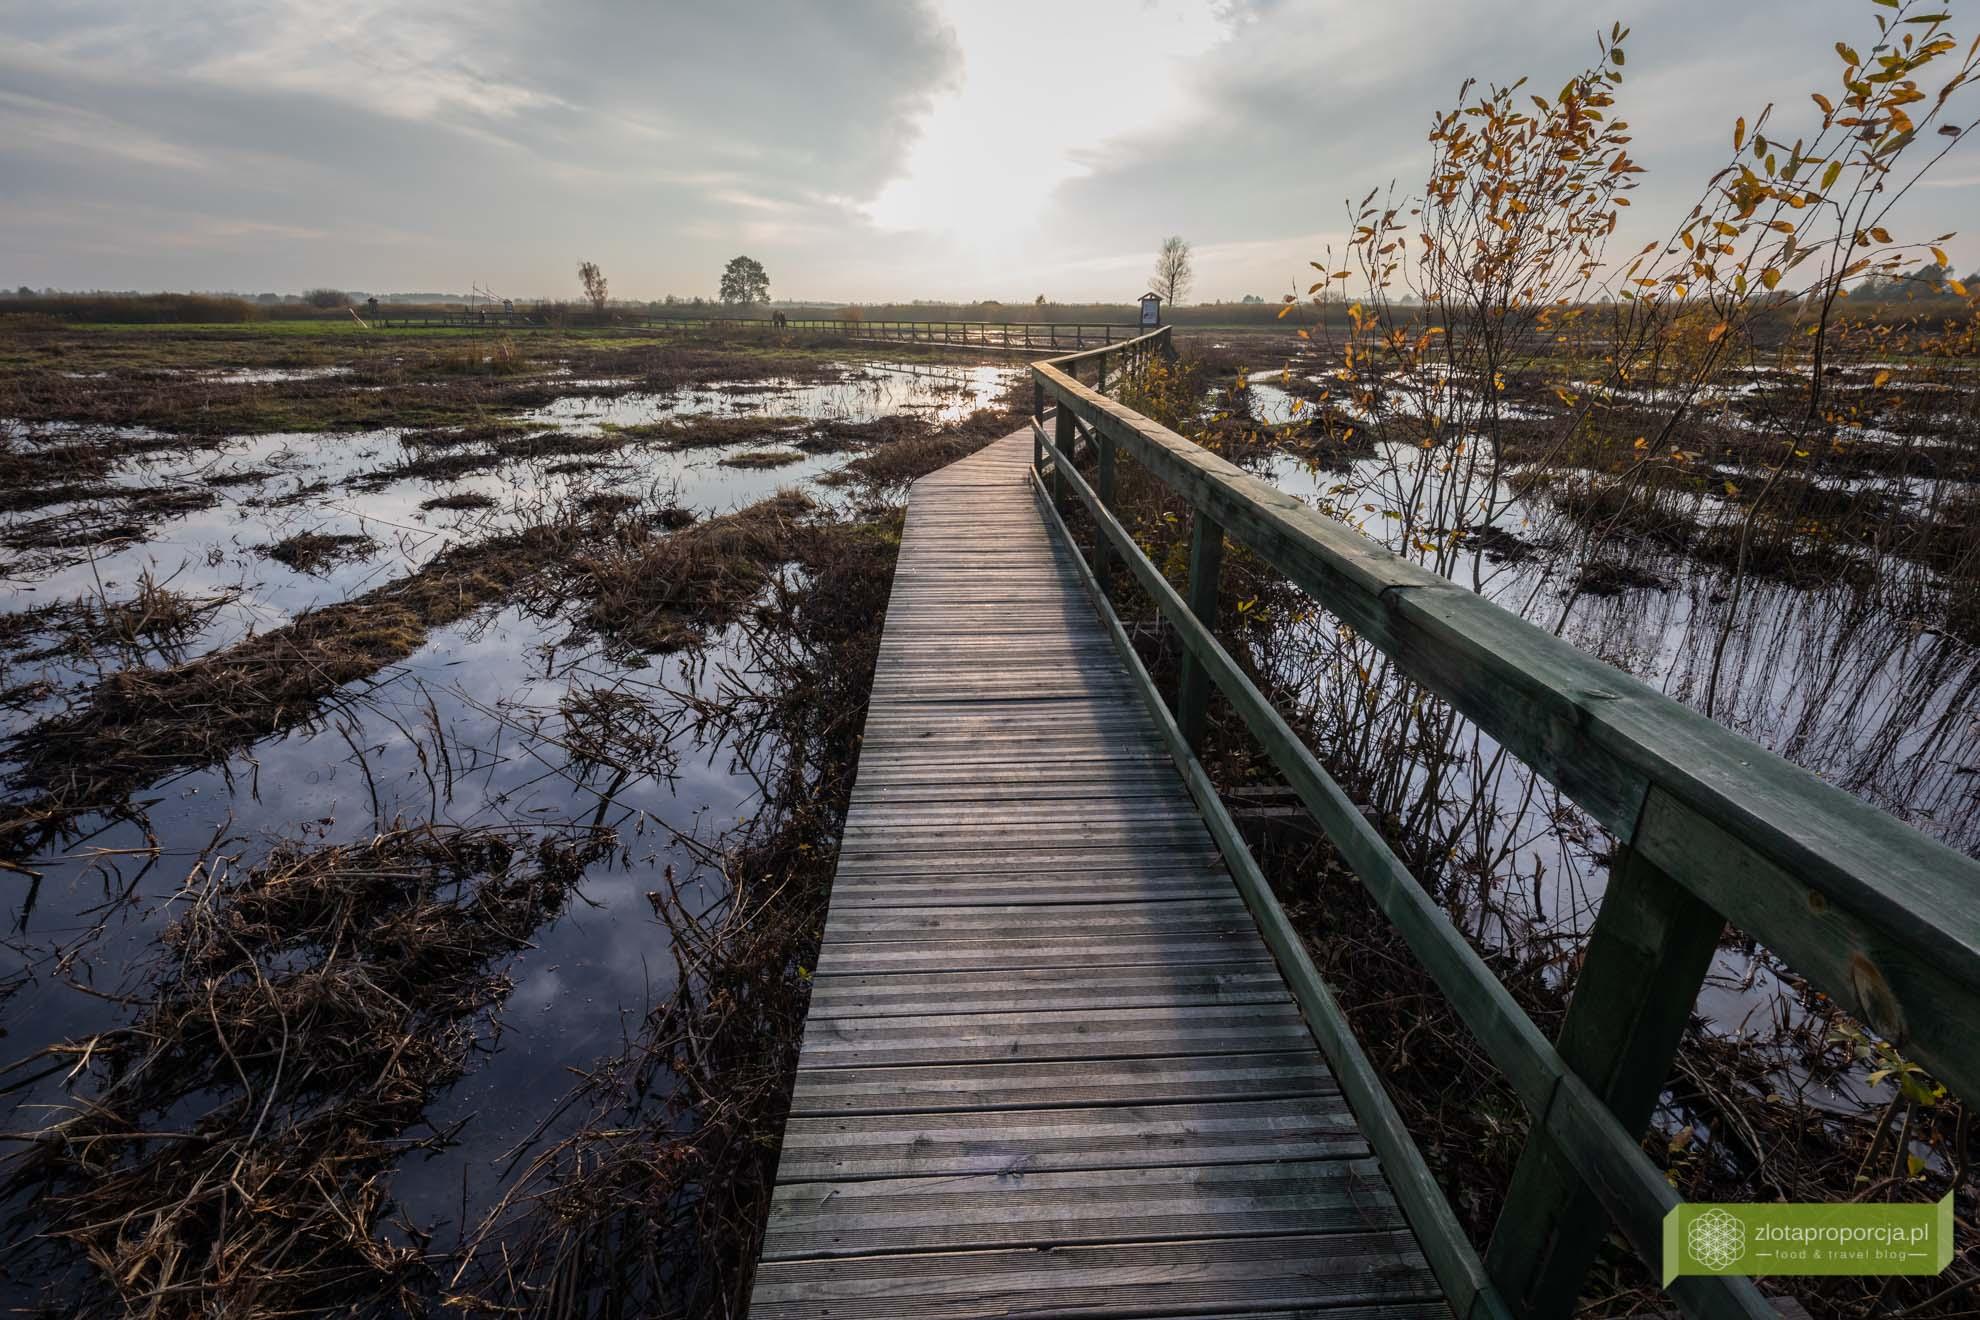 Bagno Całowanie; bagno Mazowsze; okolice Warszawy; Mazowsze; atrakcje Mazowsze; okolice Otwocka; torfowisko Mazowsze; Bagno Całowanie ścieżka; Bagno Całowanie wycieczka; Bagno Całowanie trasa;